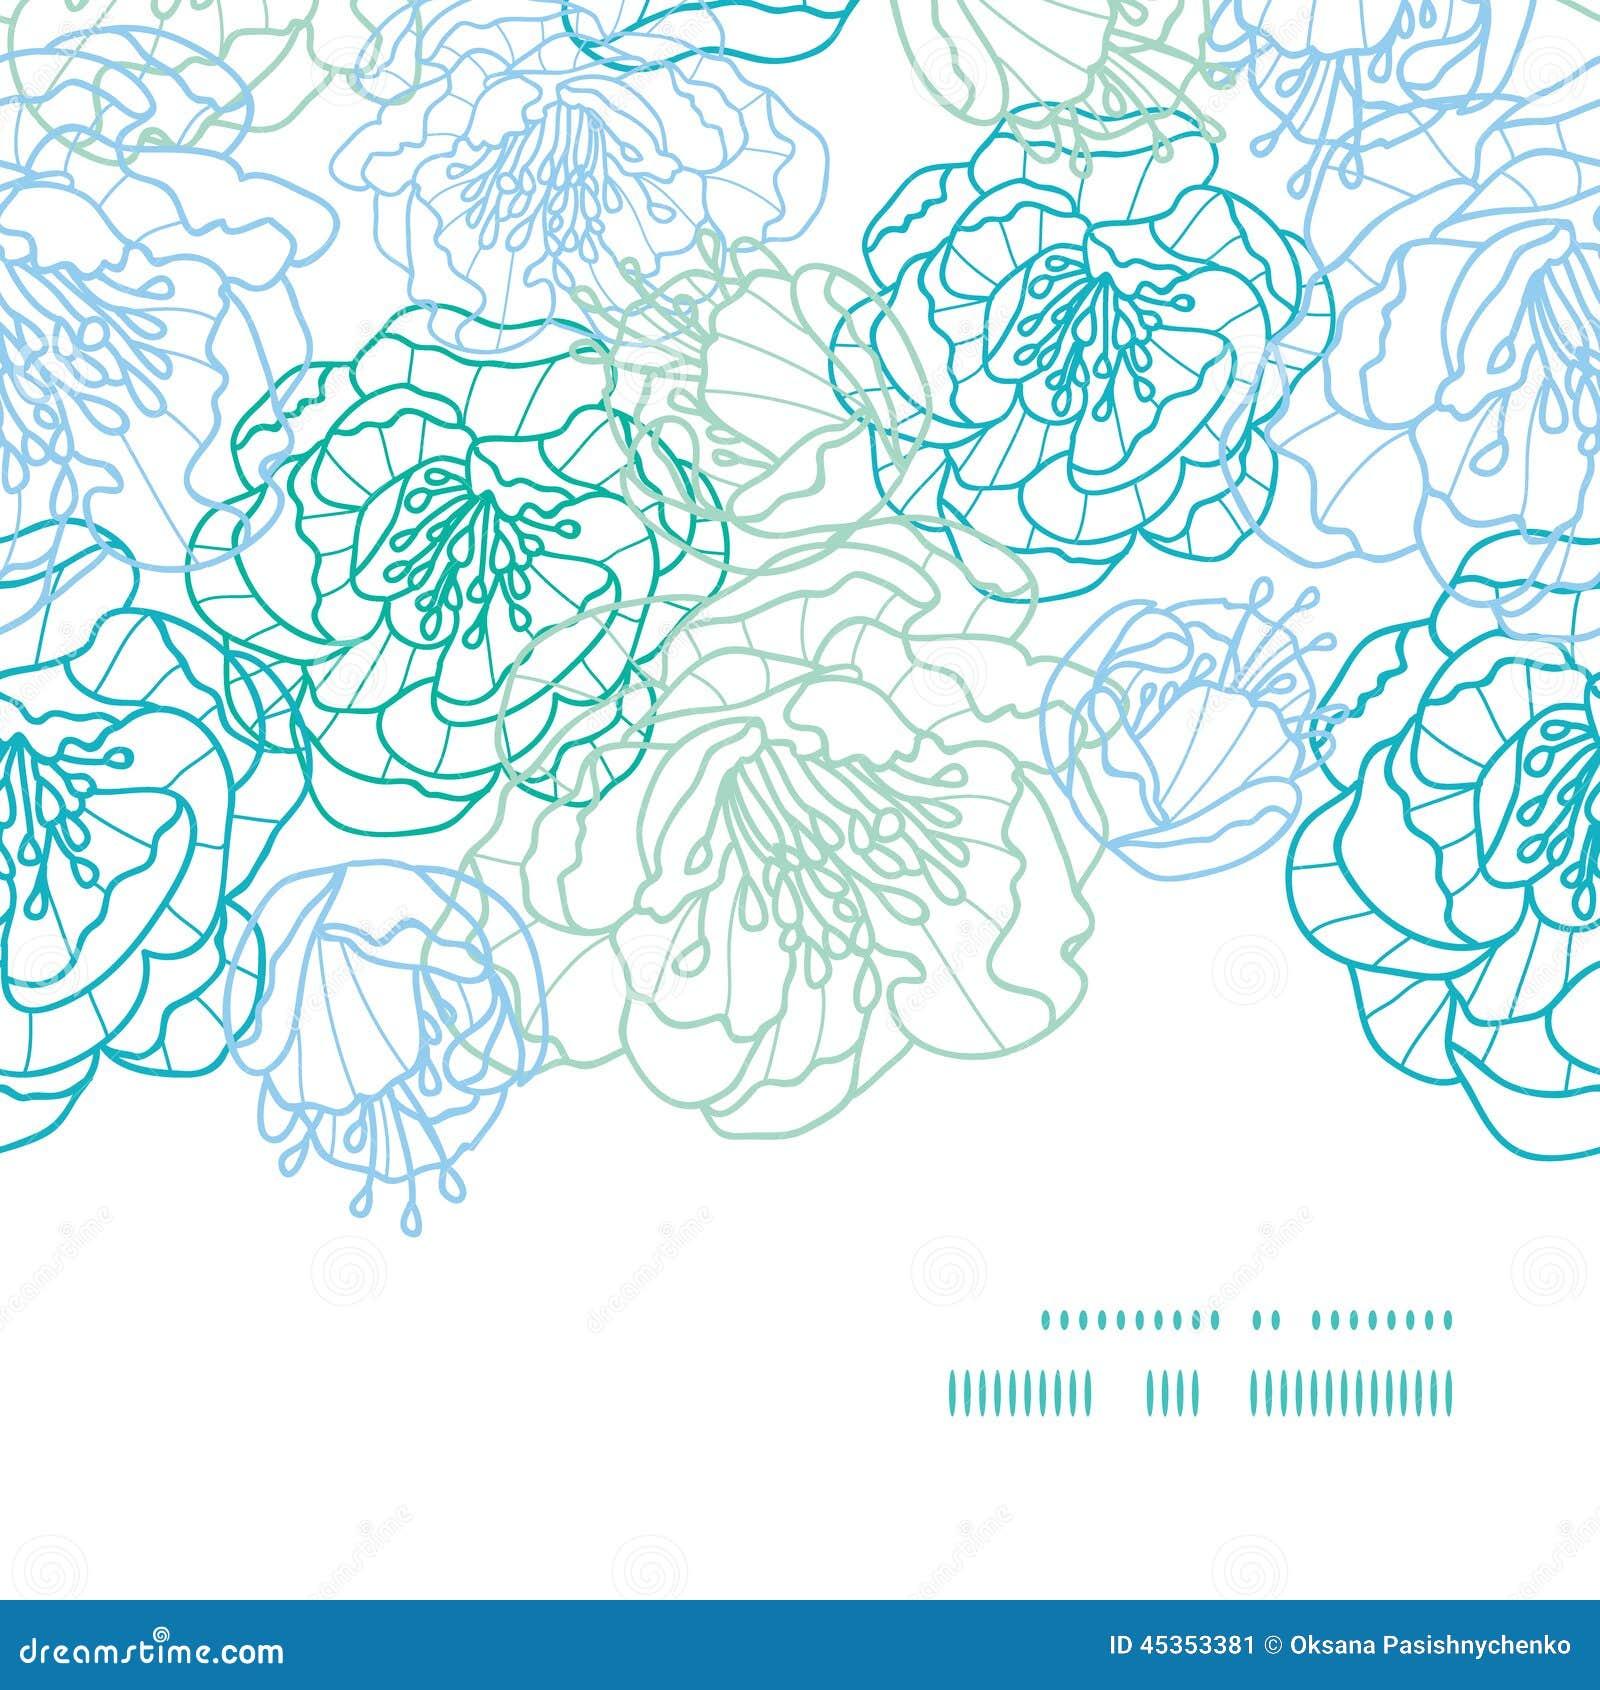 Line Art Design Background : Vector blue line art flowers horizontal frame stock